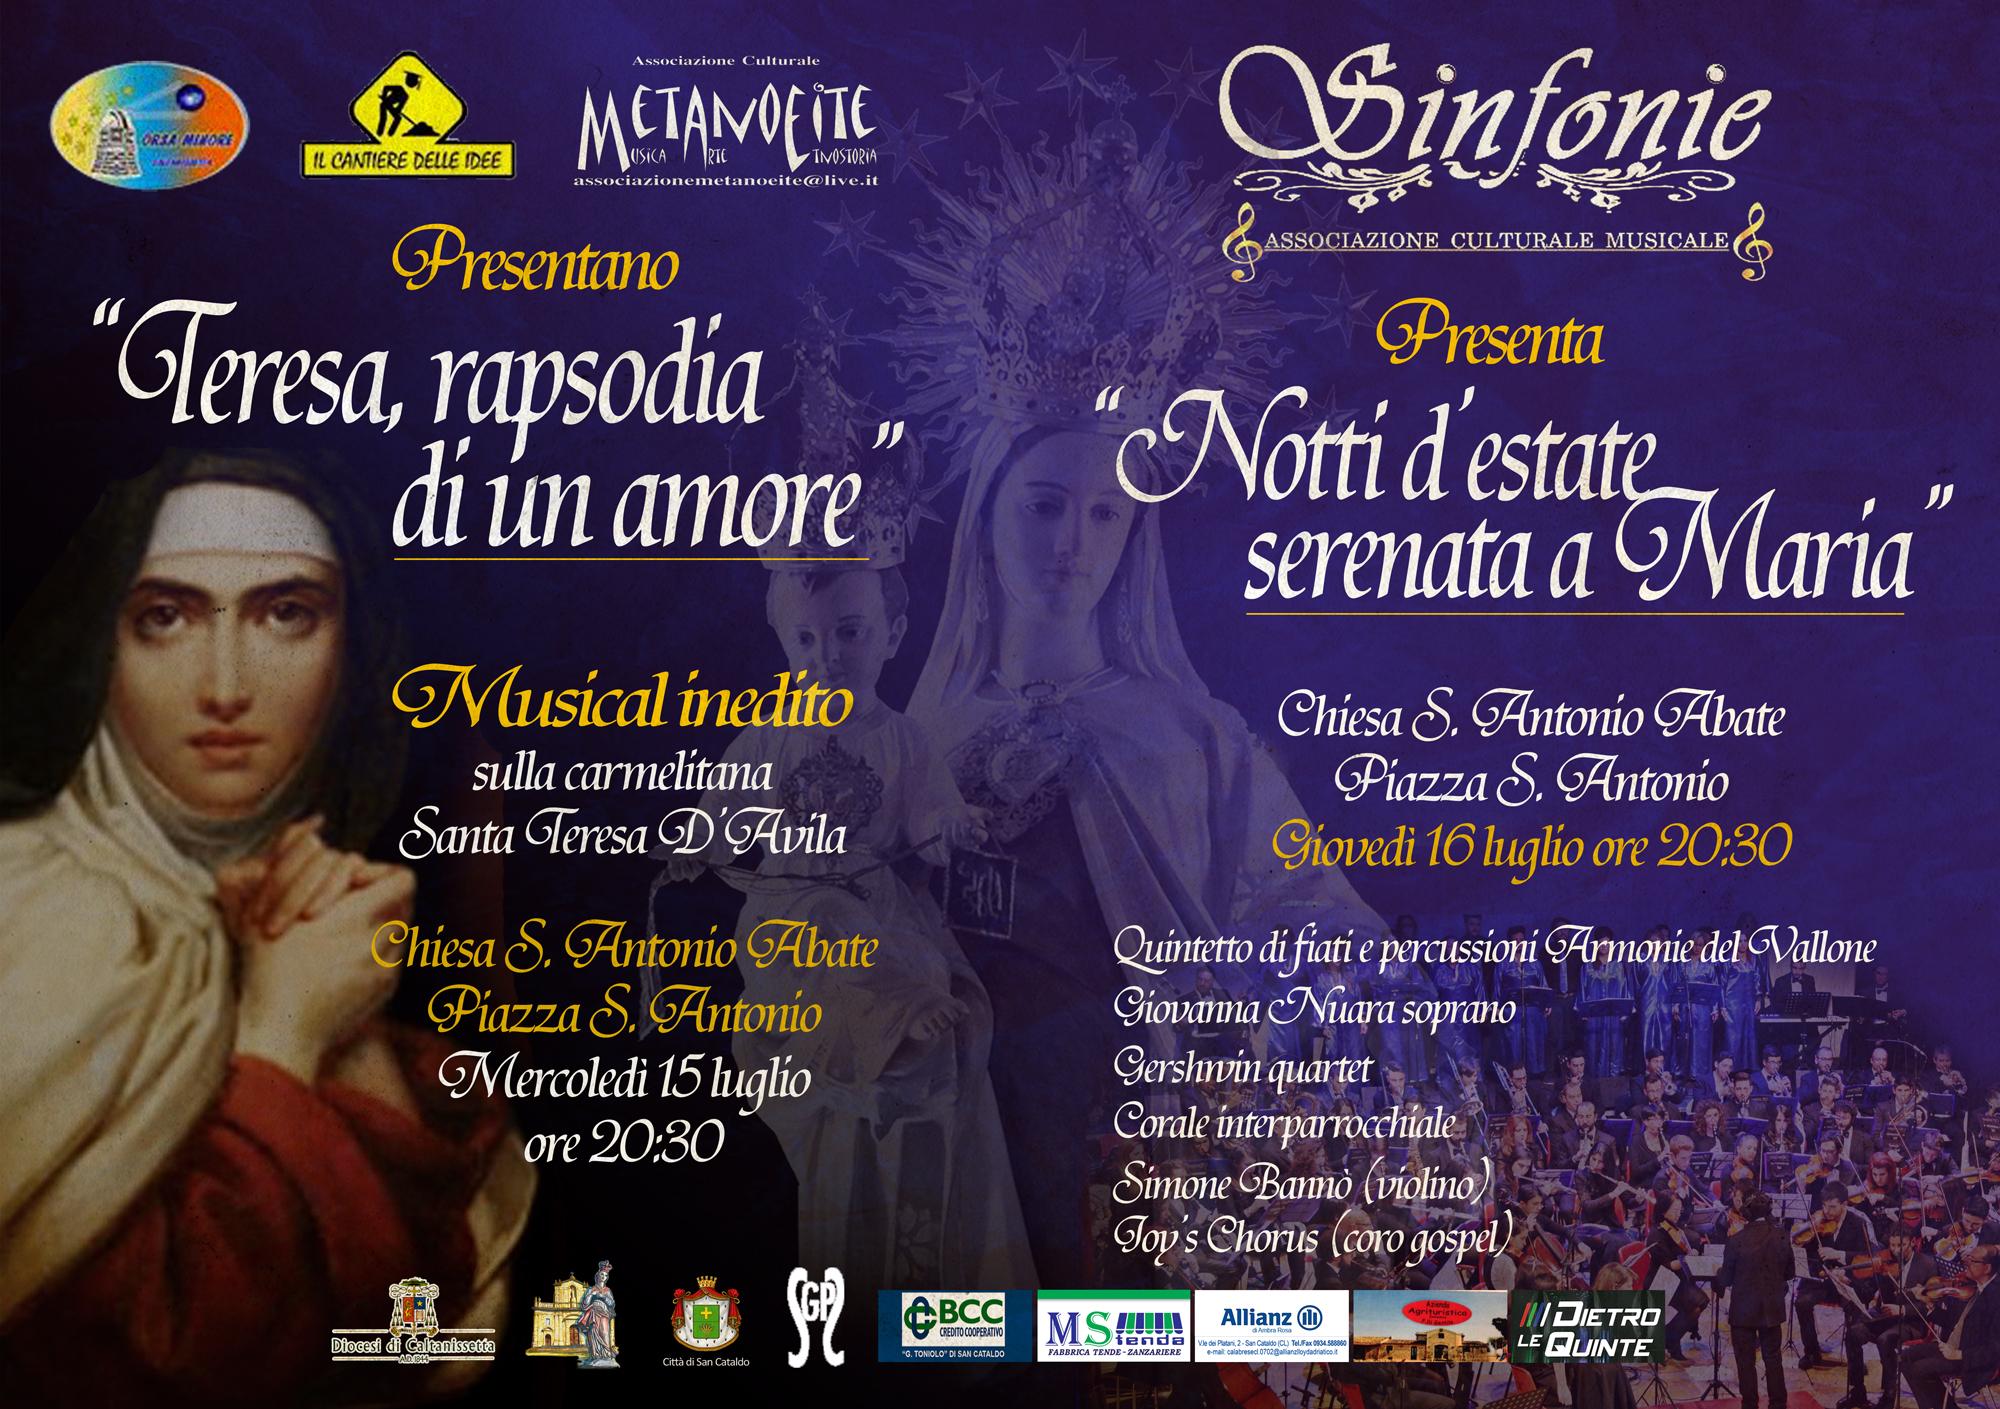 Piccolo Ufficio Della Madonna : Al via la festa della madonna del carmelo eventi nello storico